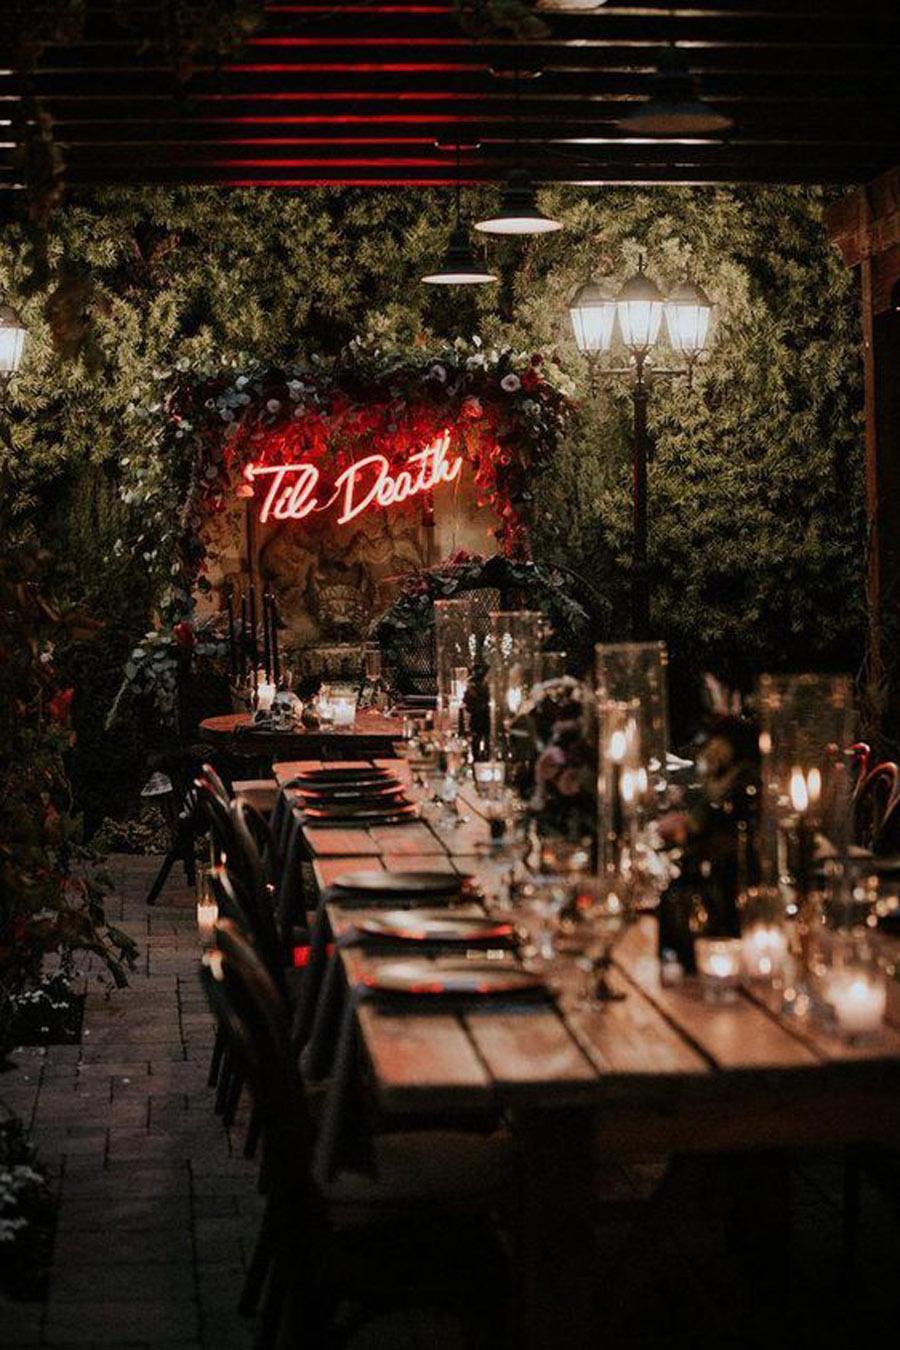 INSPIRACIÓN: FRASES DE NEÓN cartel-boda-neon